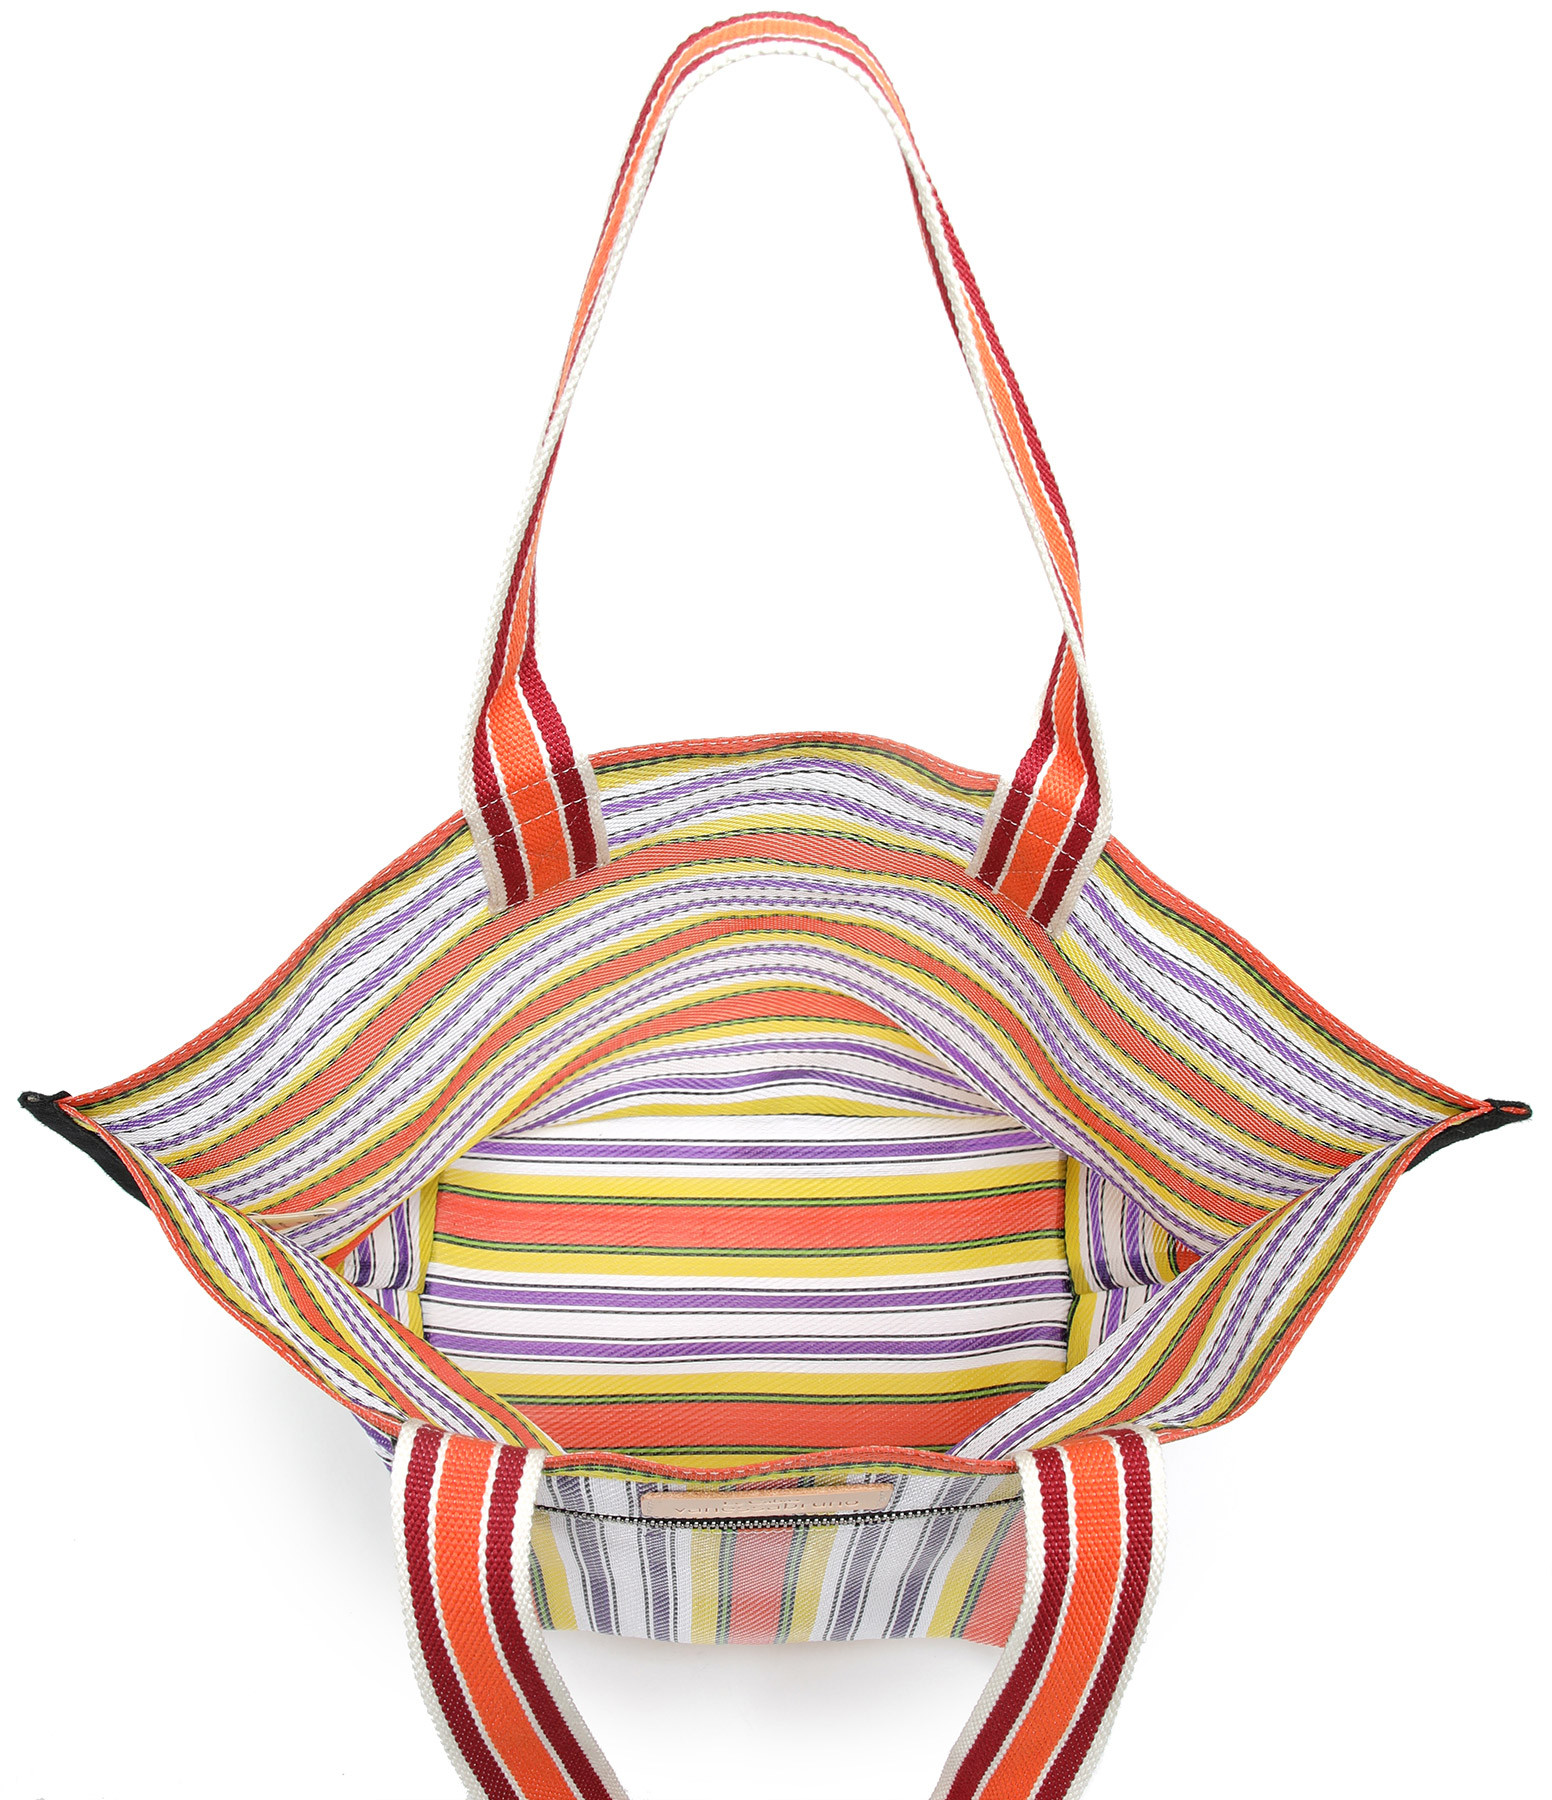 VANESSA BRUNO - Cabas Medium Multicolore Orange